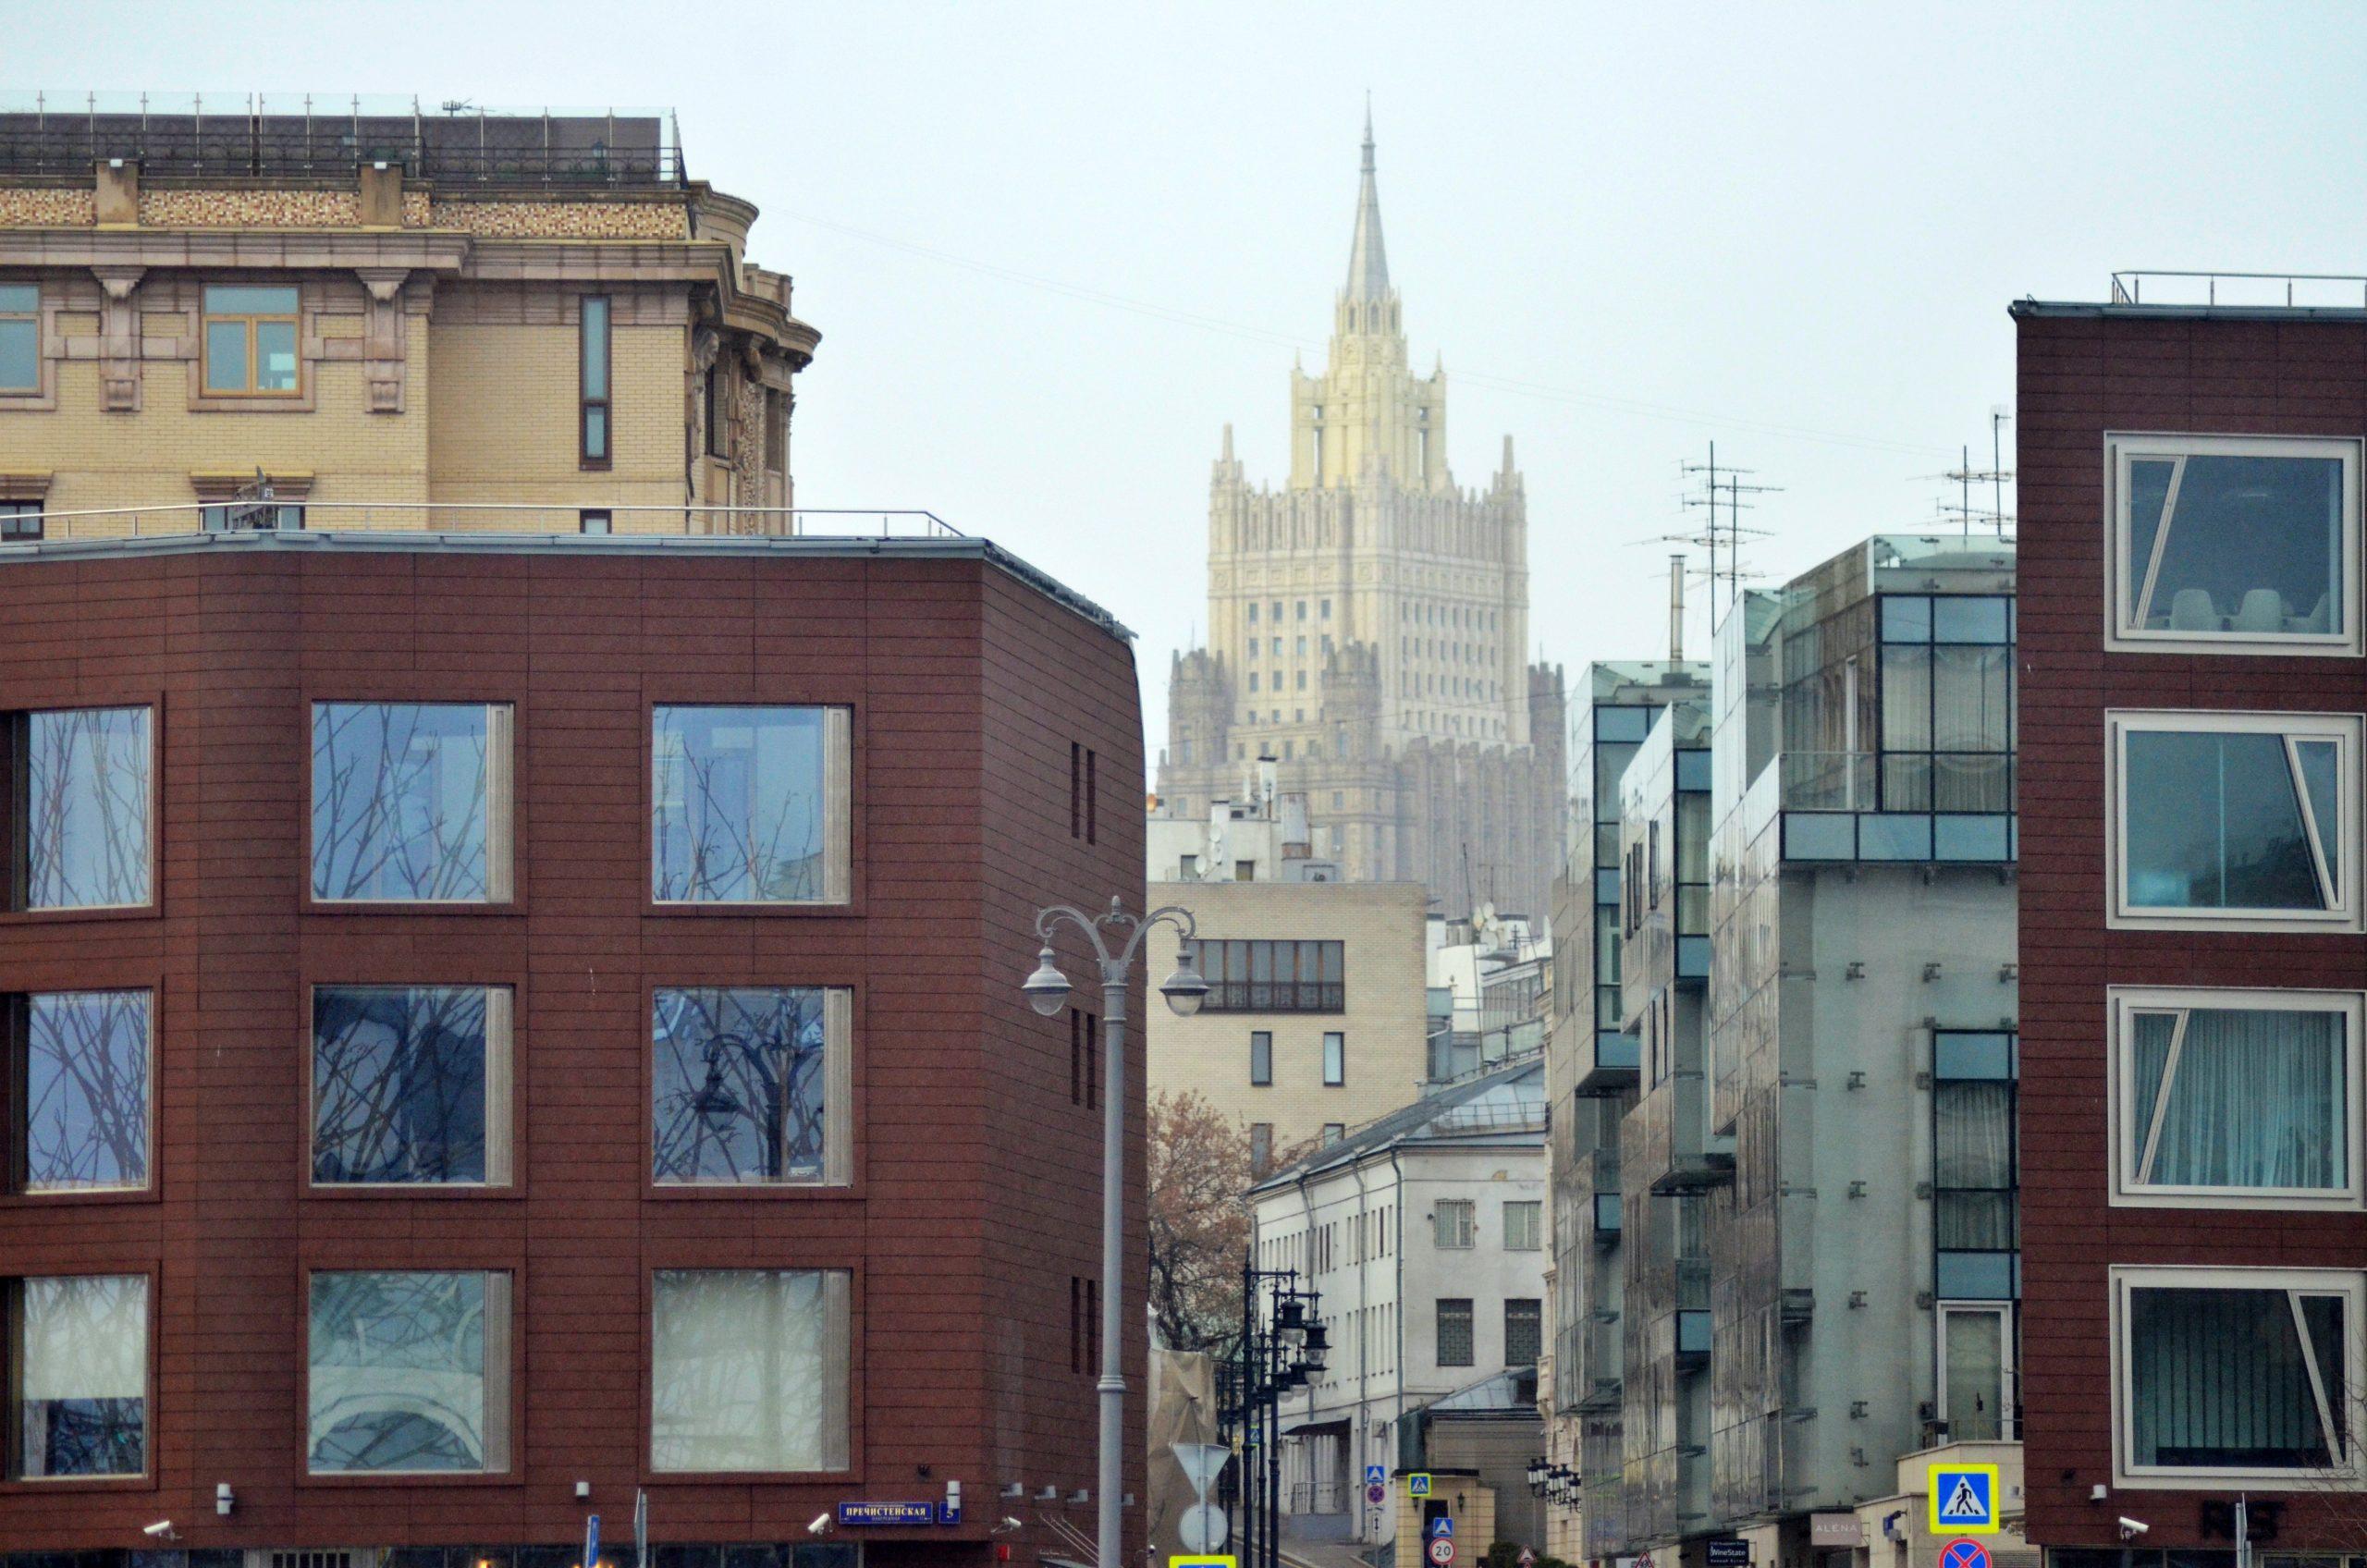 Жителям Москвы рассказали о перспективных направлениях для открытия своего дела